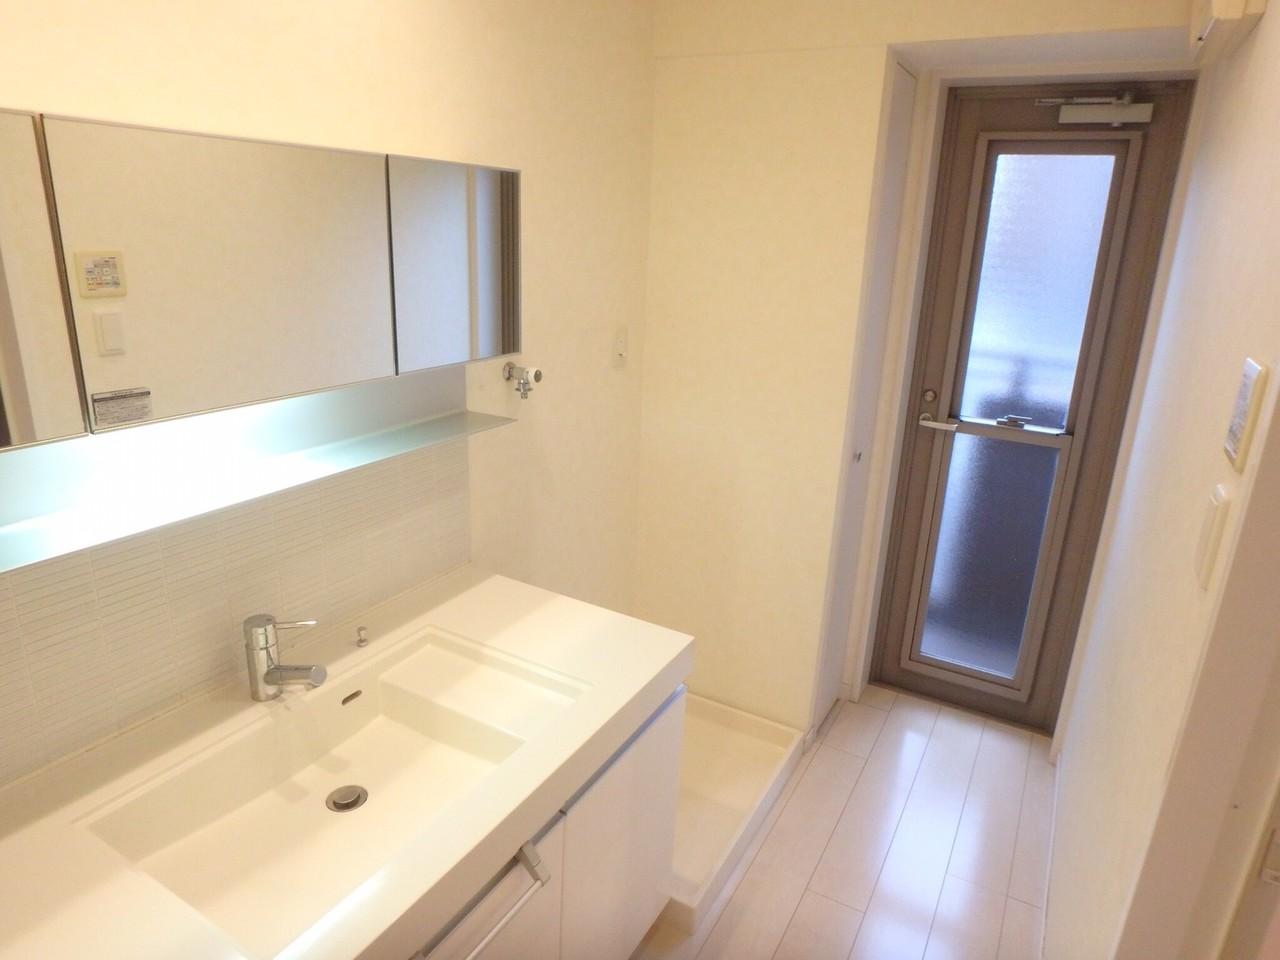 一般的な洗面台とはちょっと形が違っていてオシャレですね。 収納付き鏡で収納力抜群!!